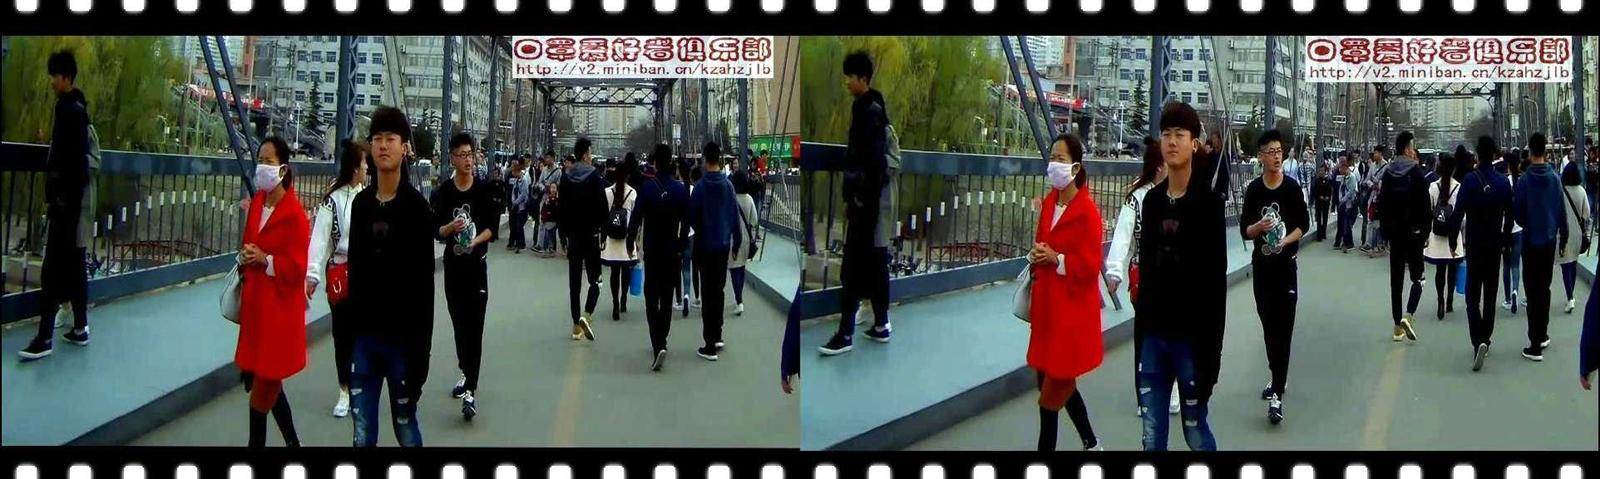 【原创】铁桥上的游人 -截图3